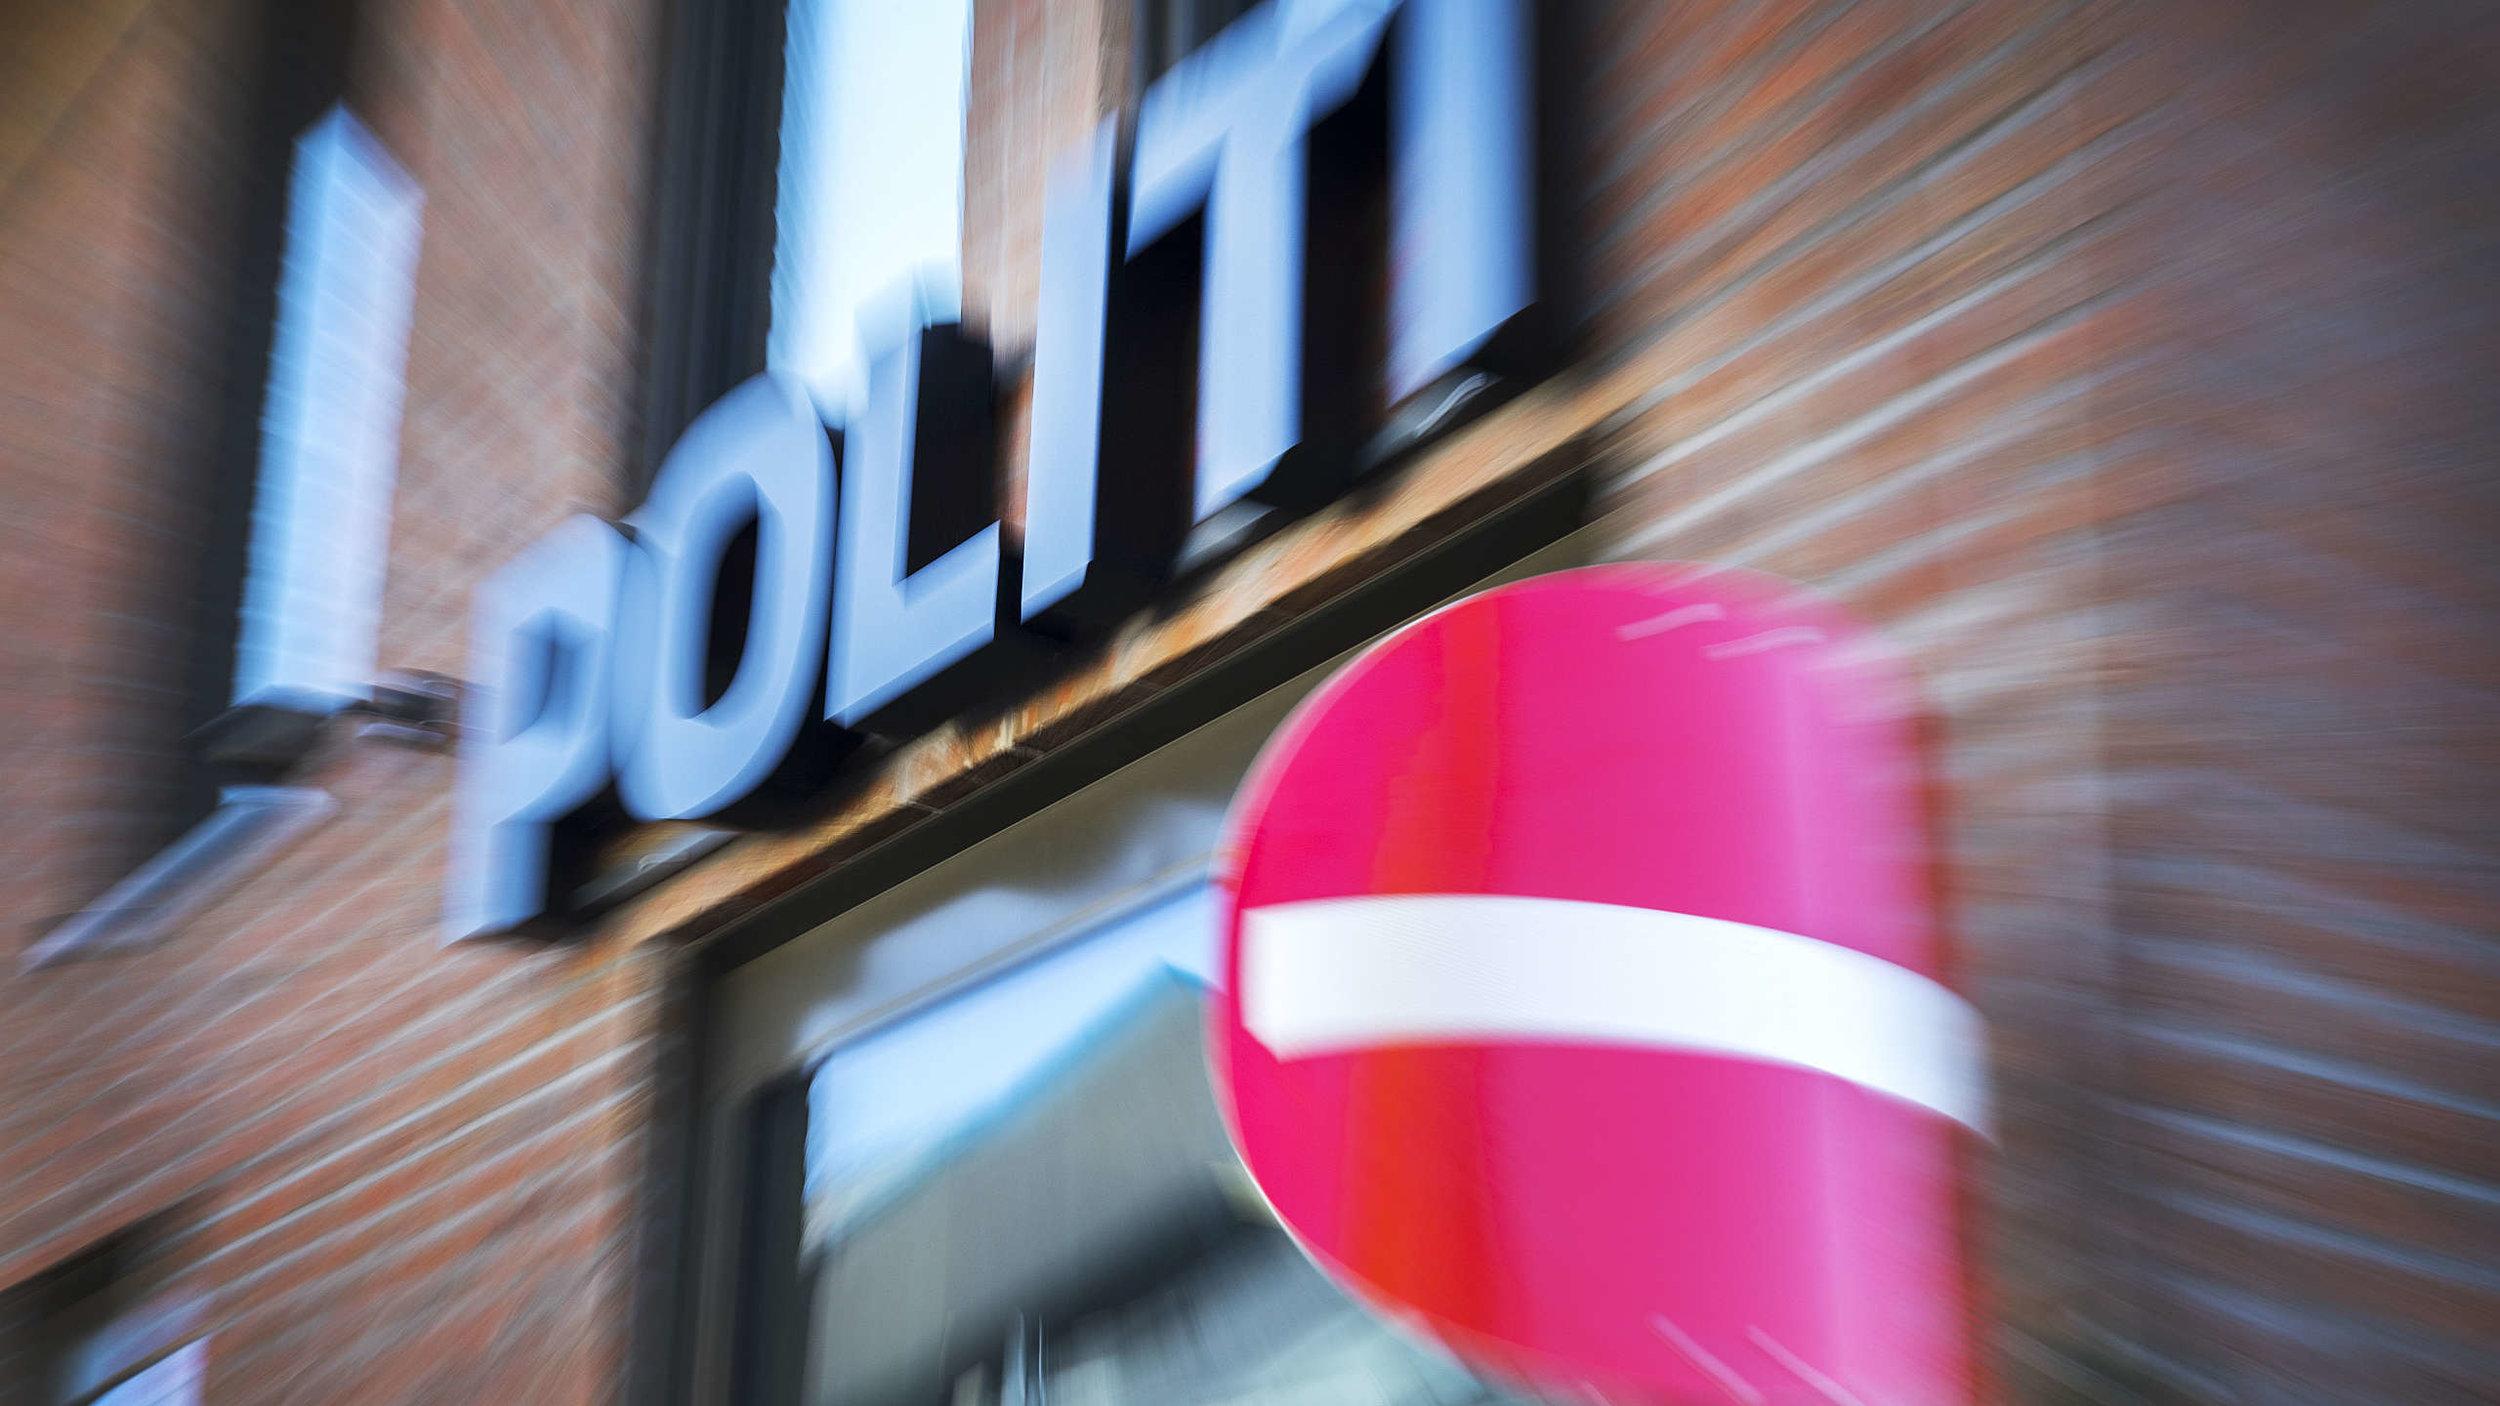 Foto: Gorm Kallestad / NTB scanpix  Foto: Gorm Kallestad / NTB scanpix